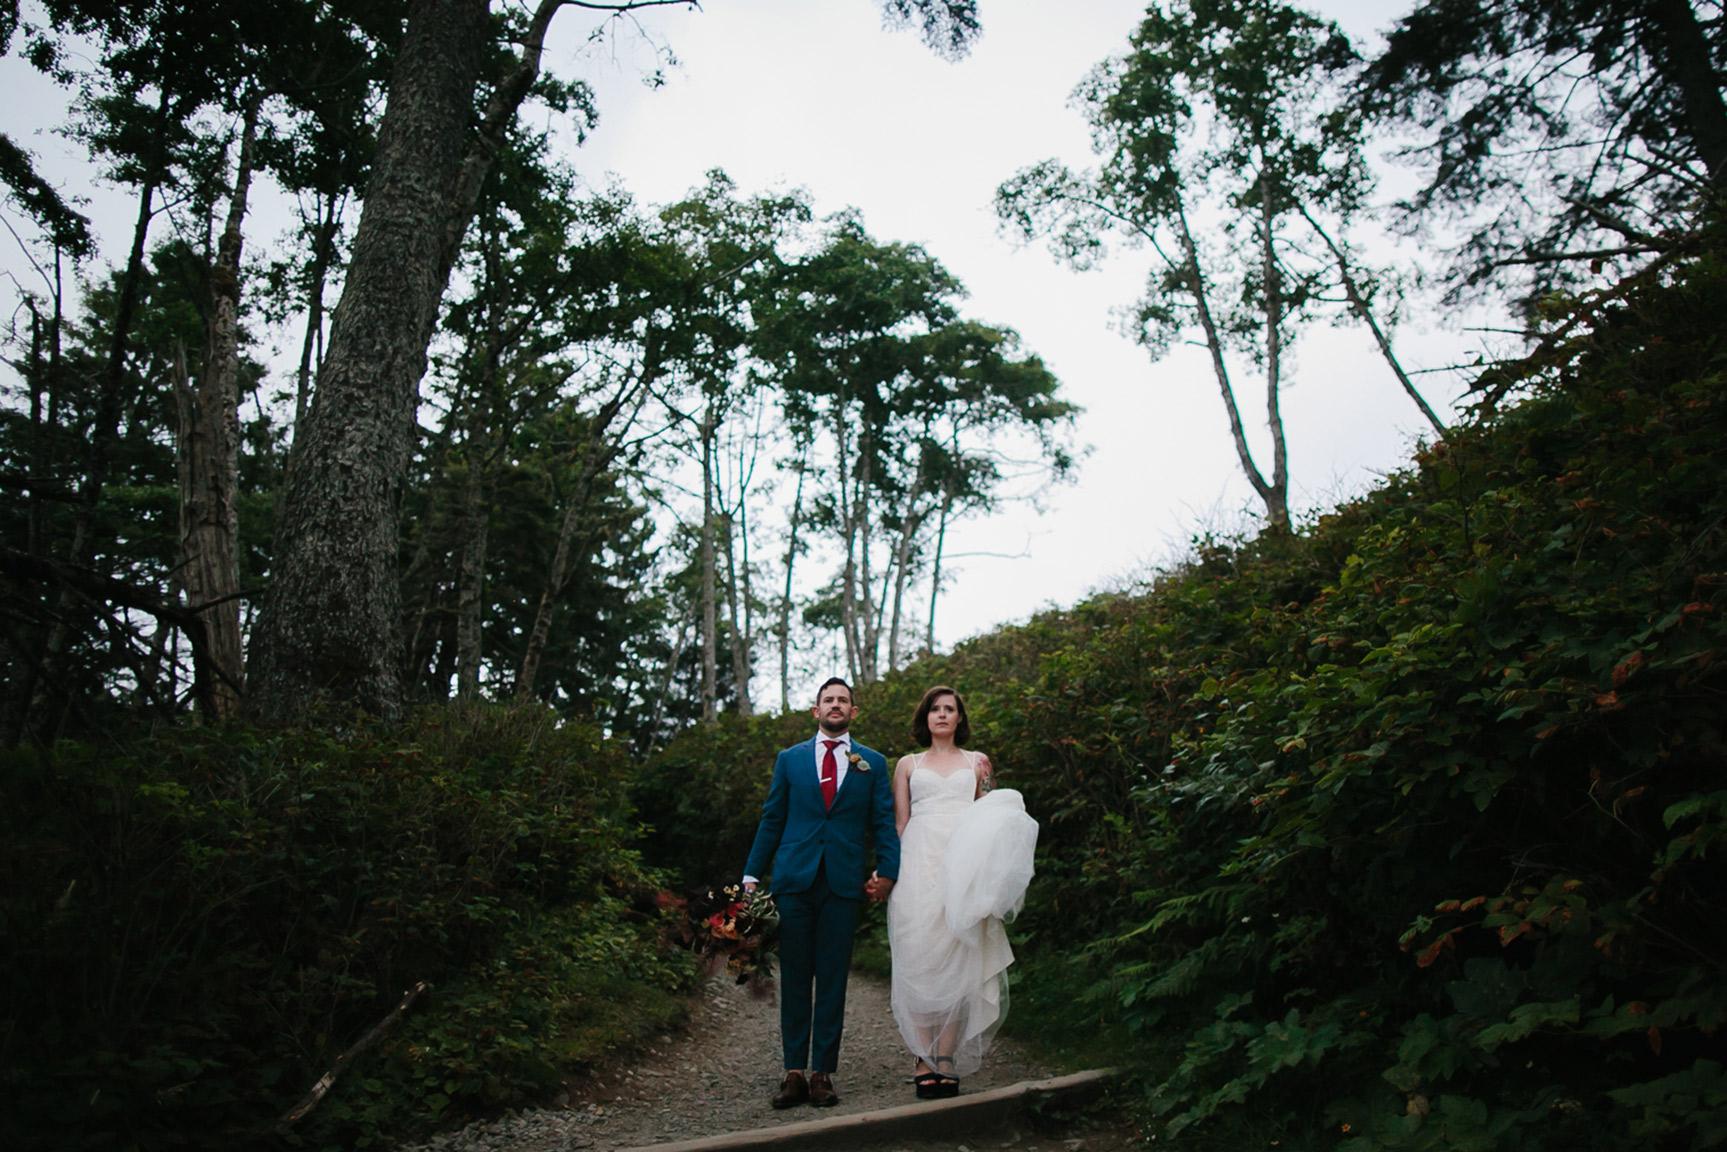 Washington_WeddingPhotographer_045.jpg